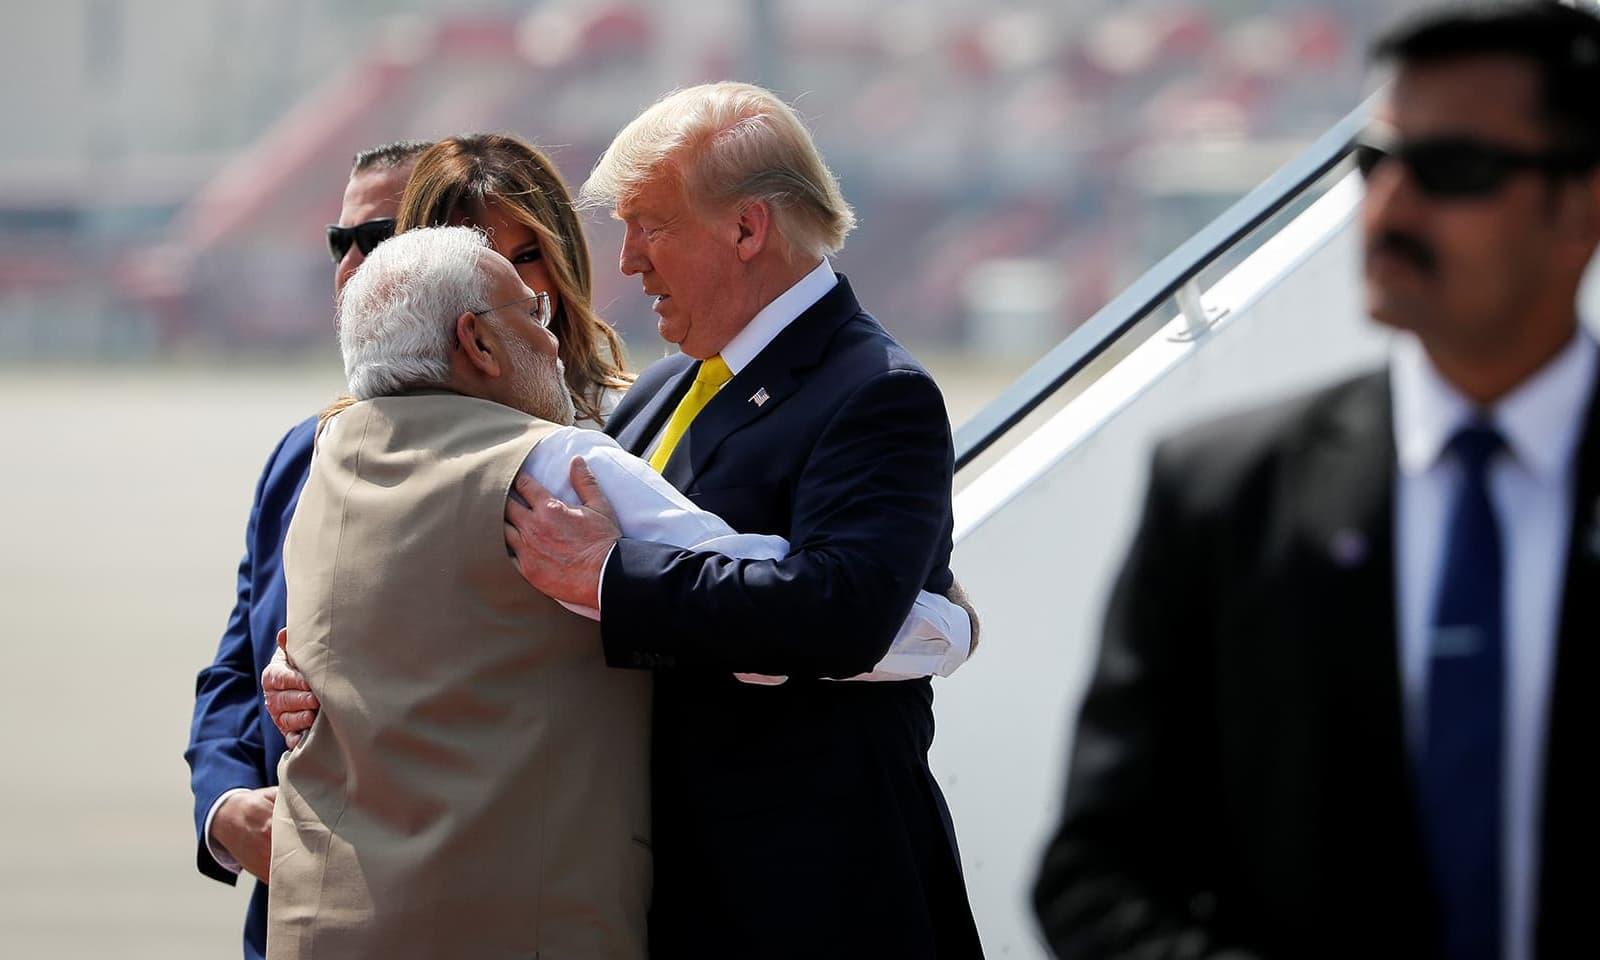 بھارت اور امریکا کے مابین ٹیکس ختم کرنے سے متعلق کوئی  معاہدہ نہیں ہوا — فوٹو: رائٹرز